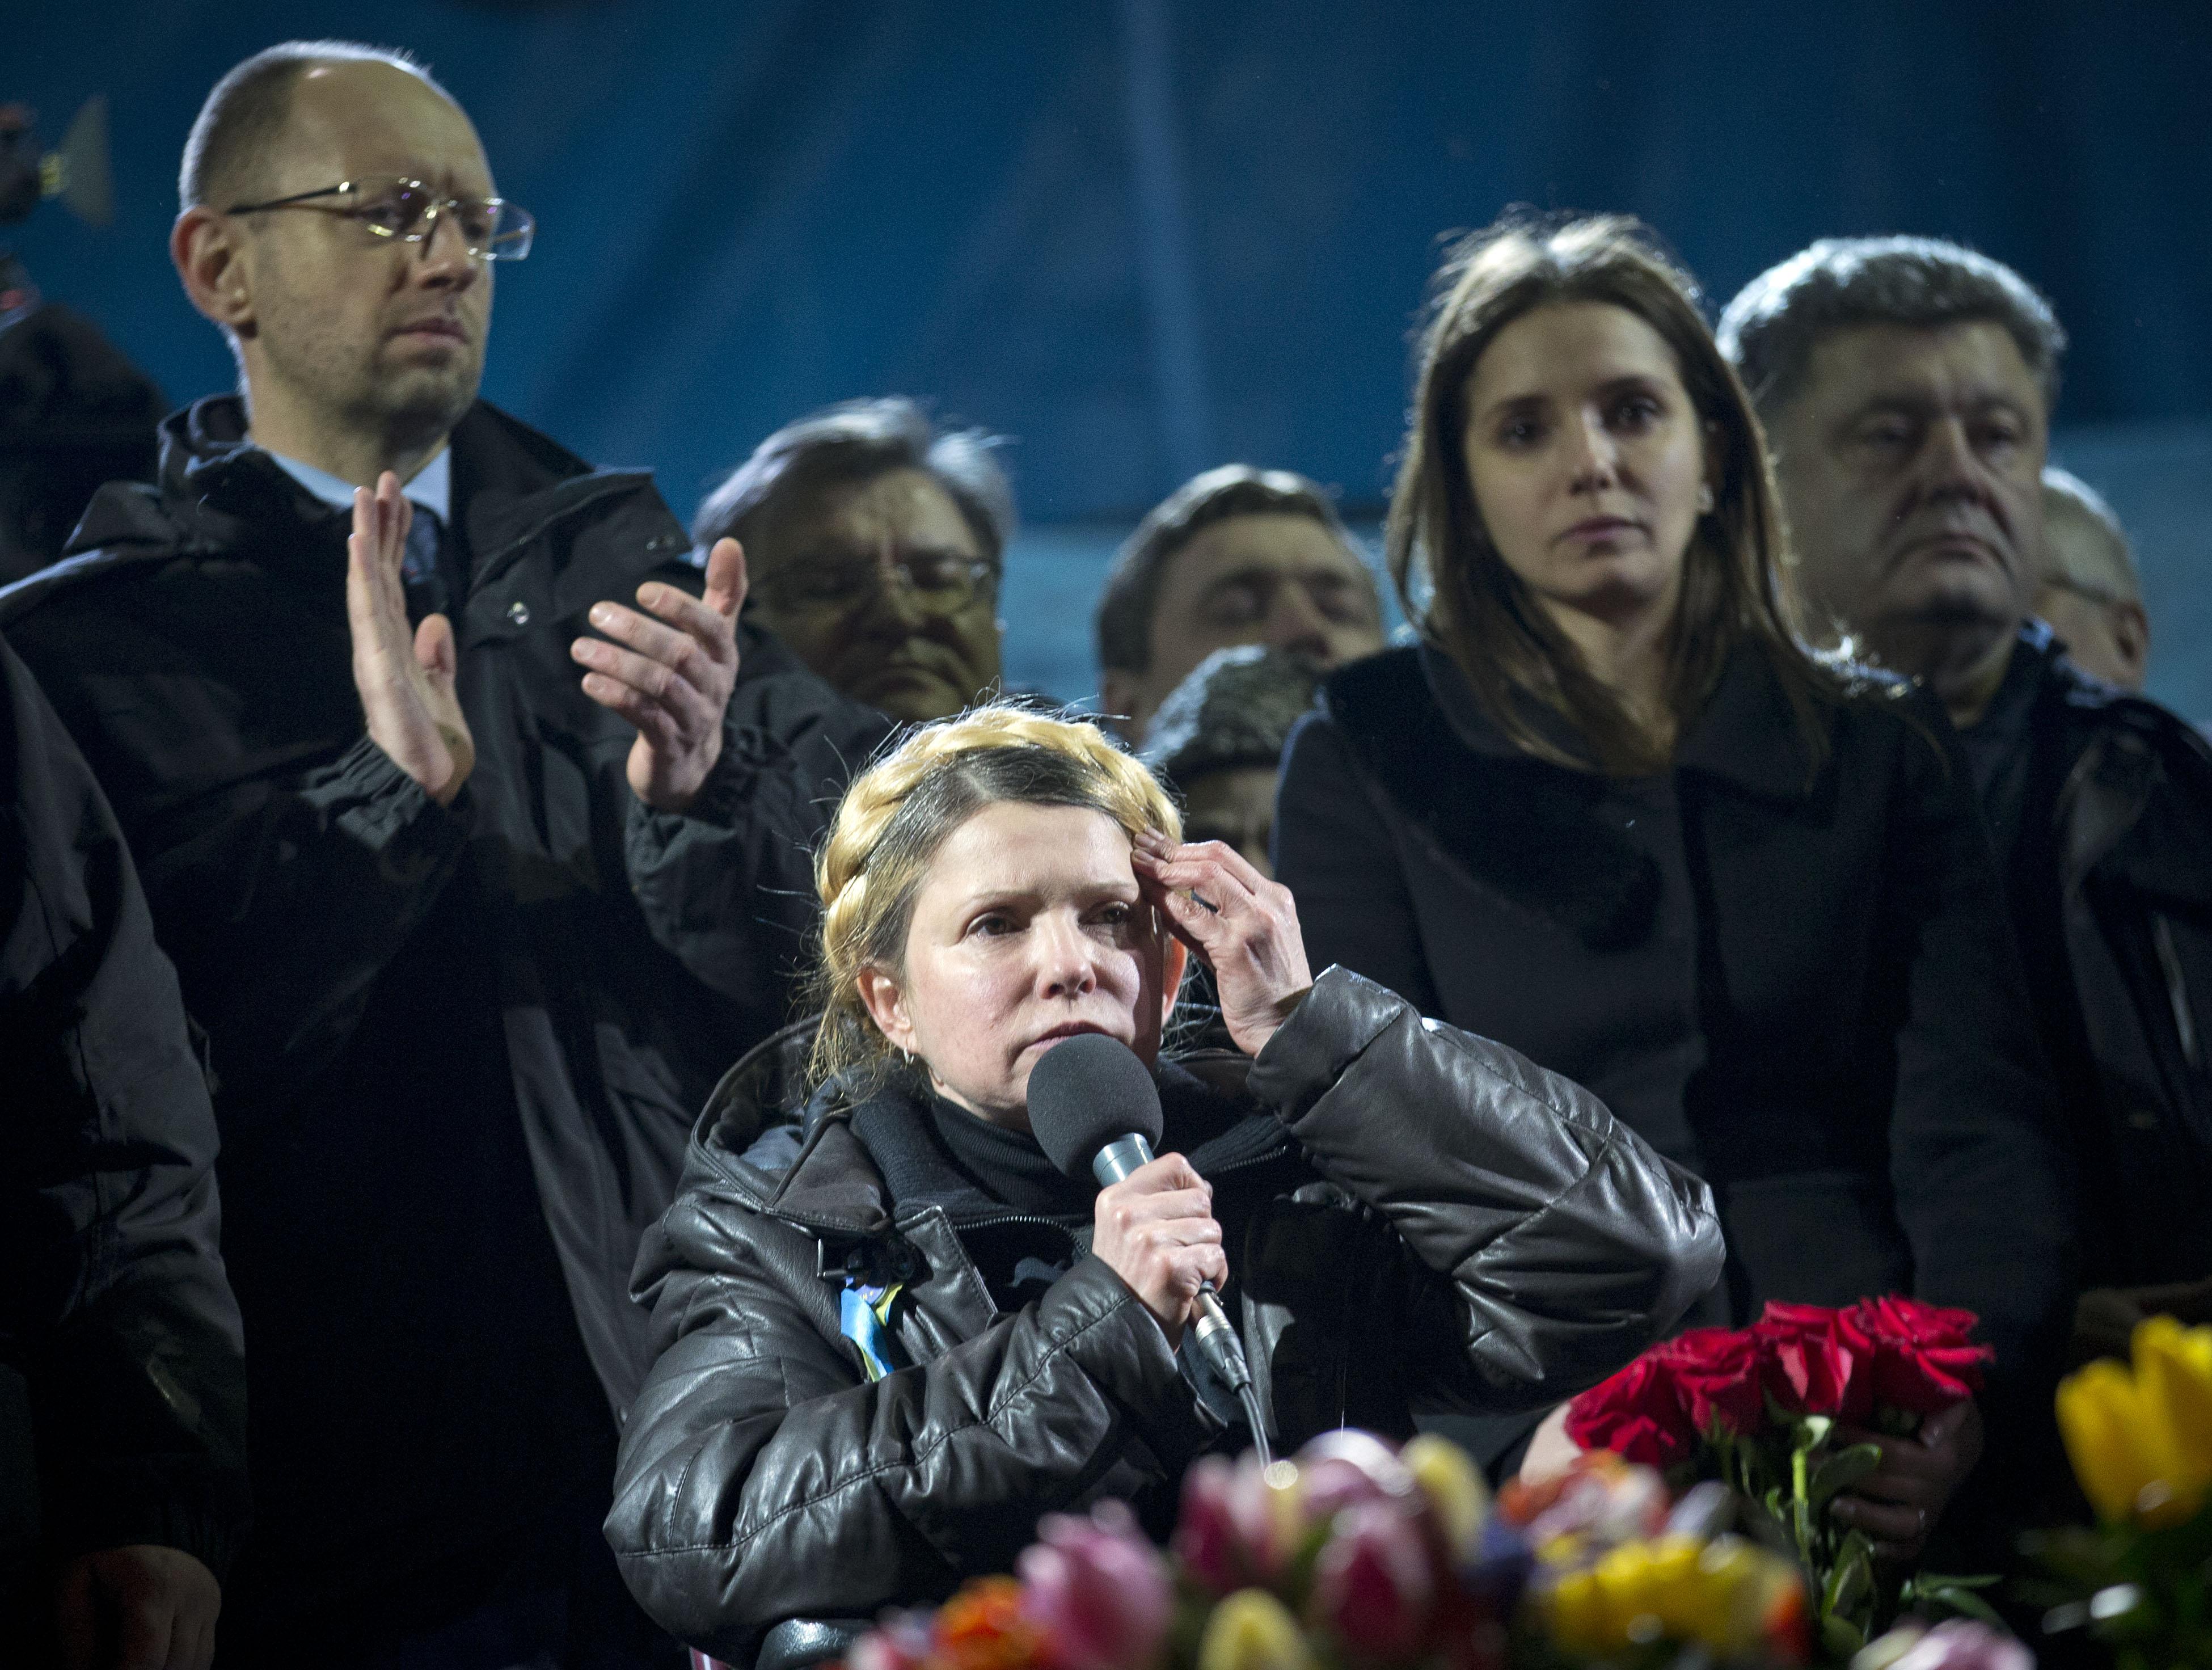 [亞努科維奇 烏克蘭] 烏克蘭情勢大變 俄:召回駐基輔大使諮商 @ urnews 你的熱門新聞 :: 痞客邦